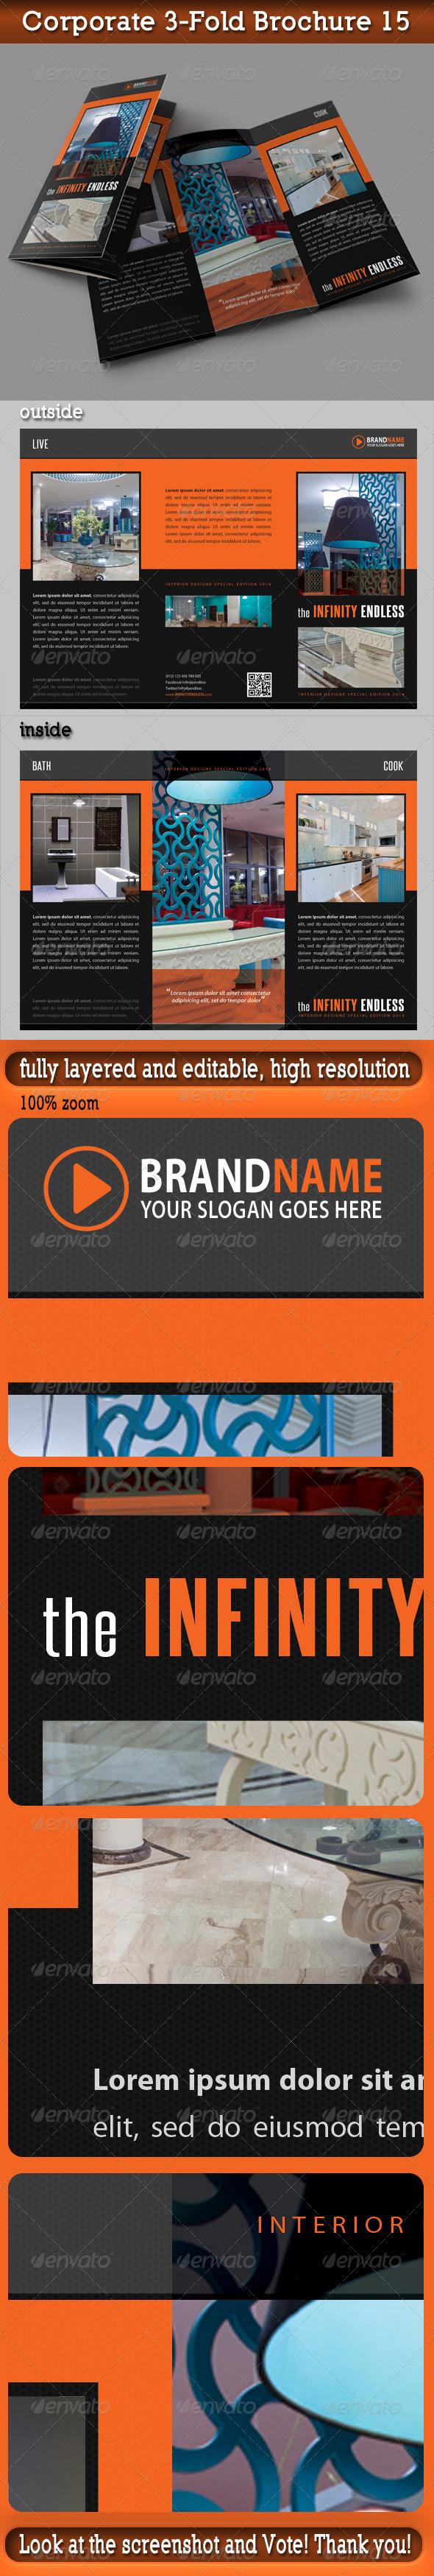 GraphicRiver Corporate 3-Fold Brochure 15 5640825